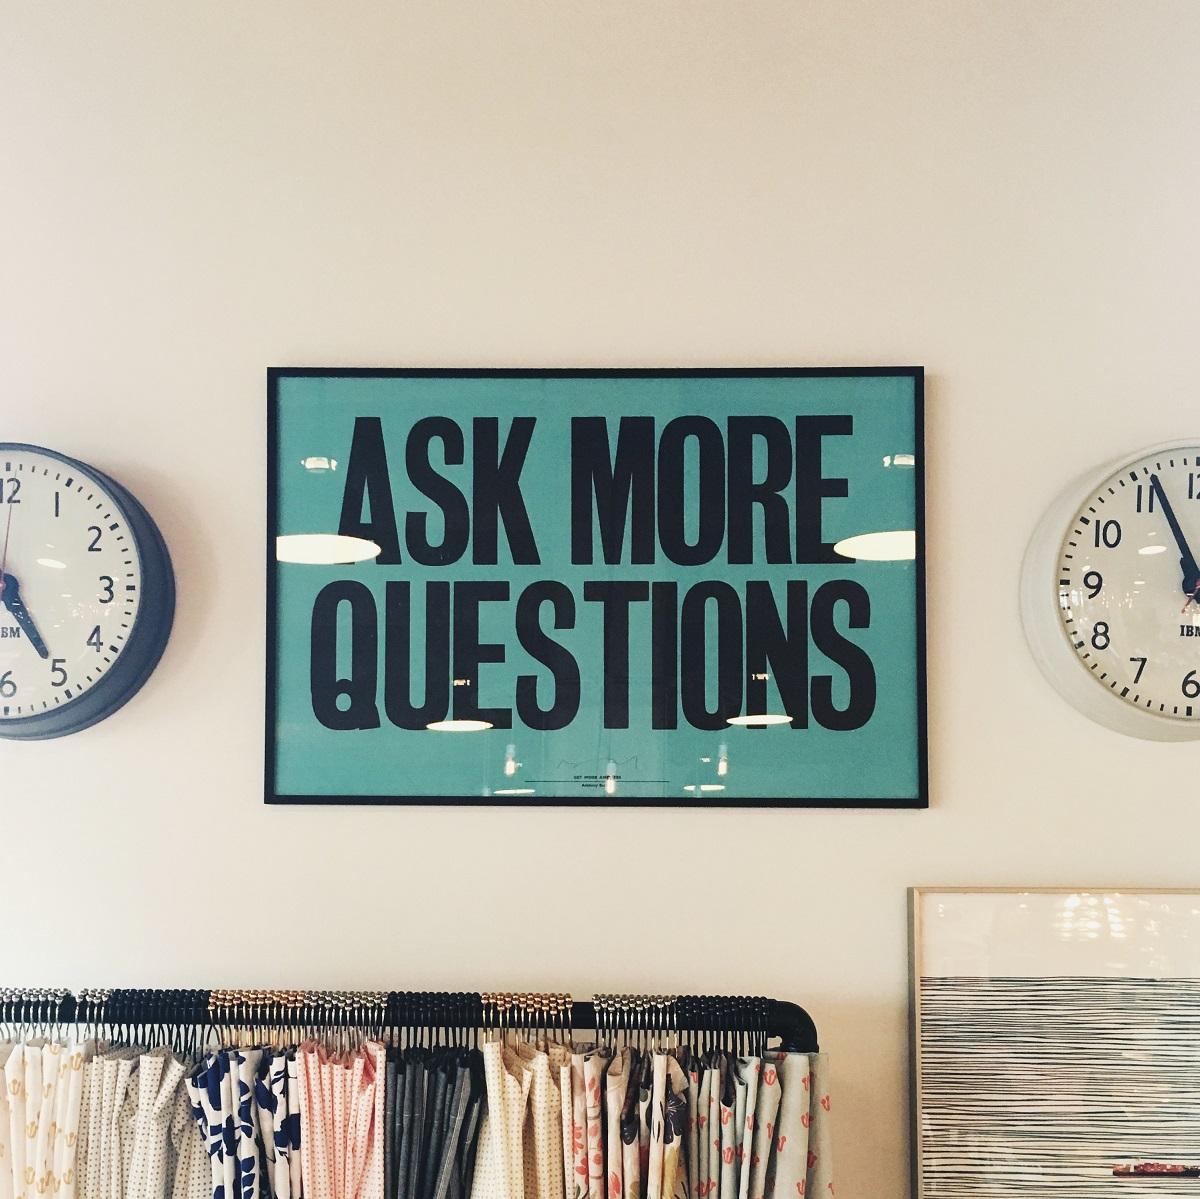 Stellt mehr Fragen. (Foto: Jonathan Simcoe, Unsplash.com)